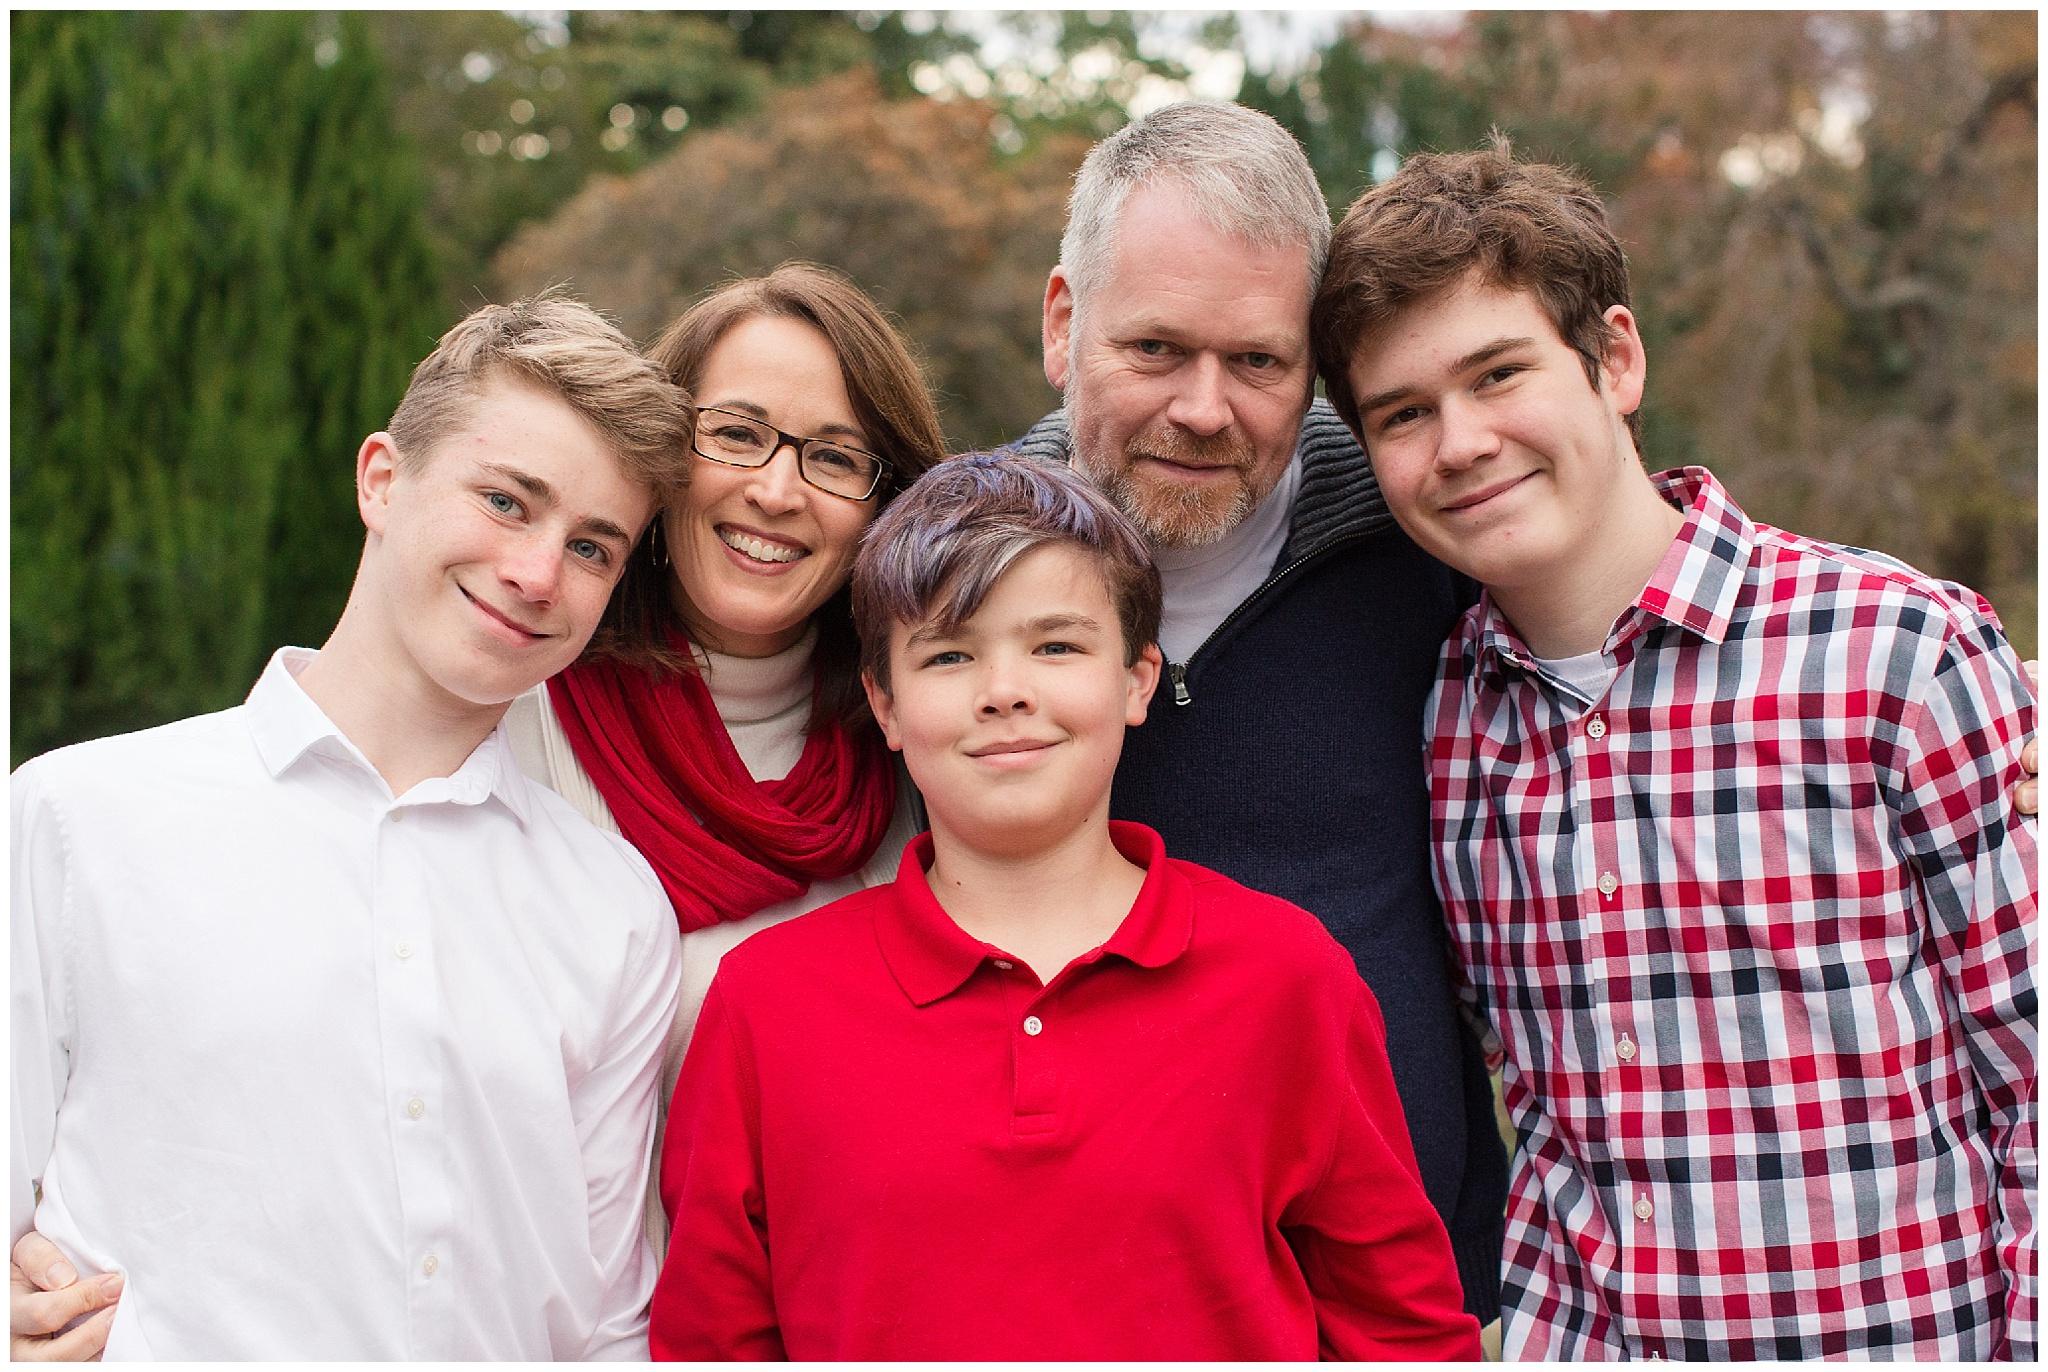 family_forest_0003.jpg